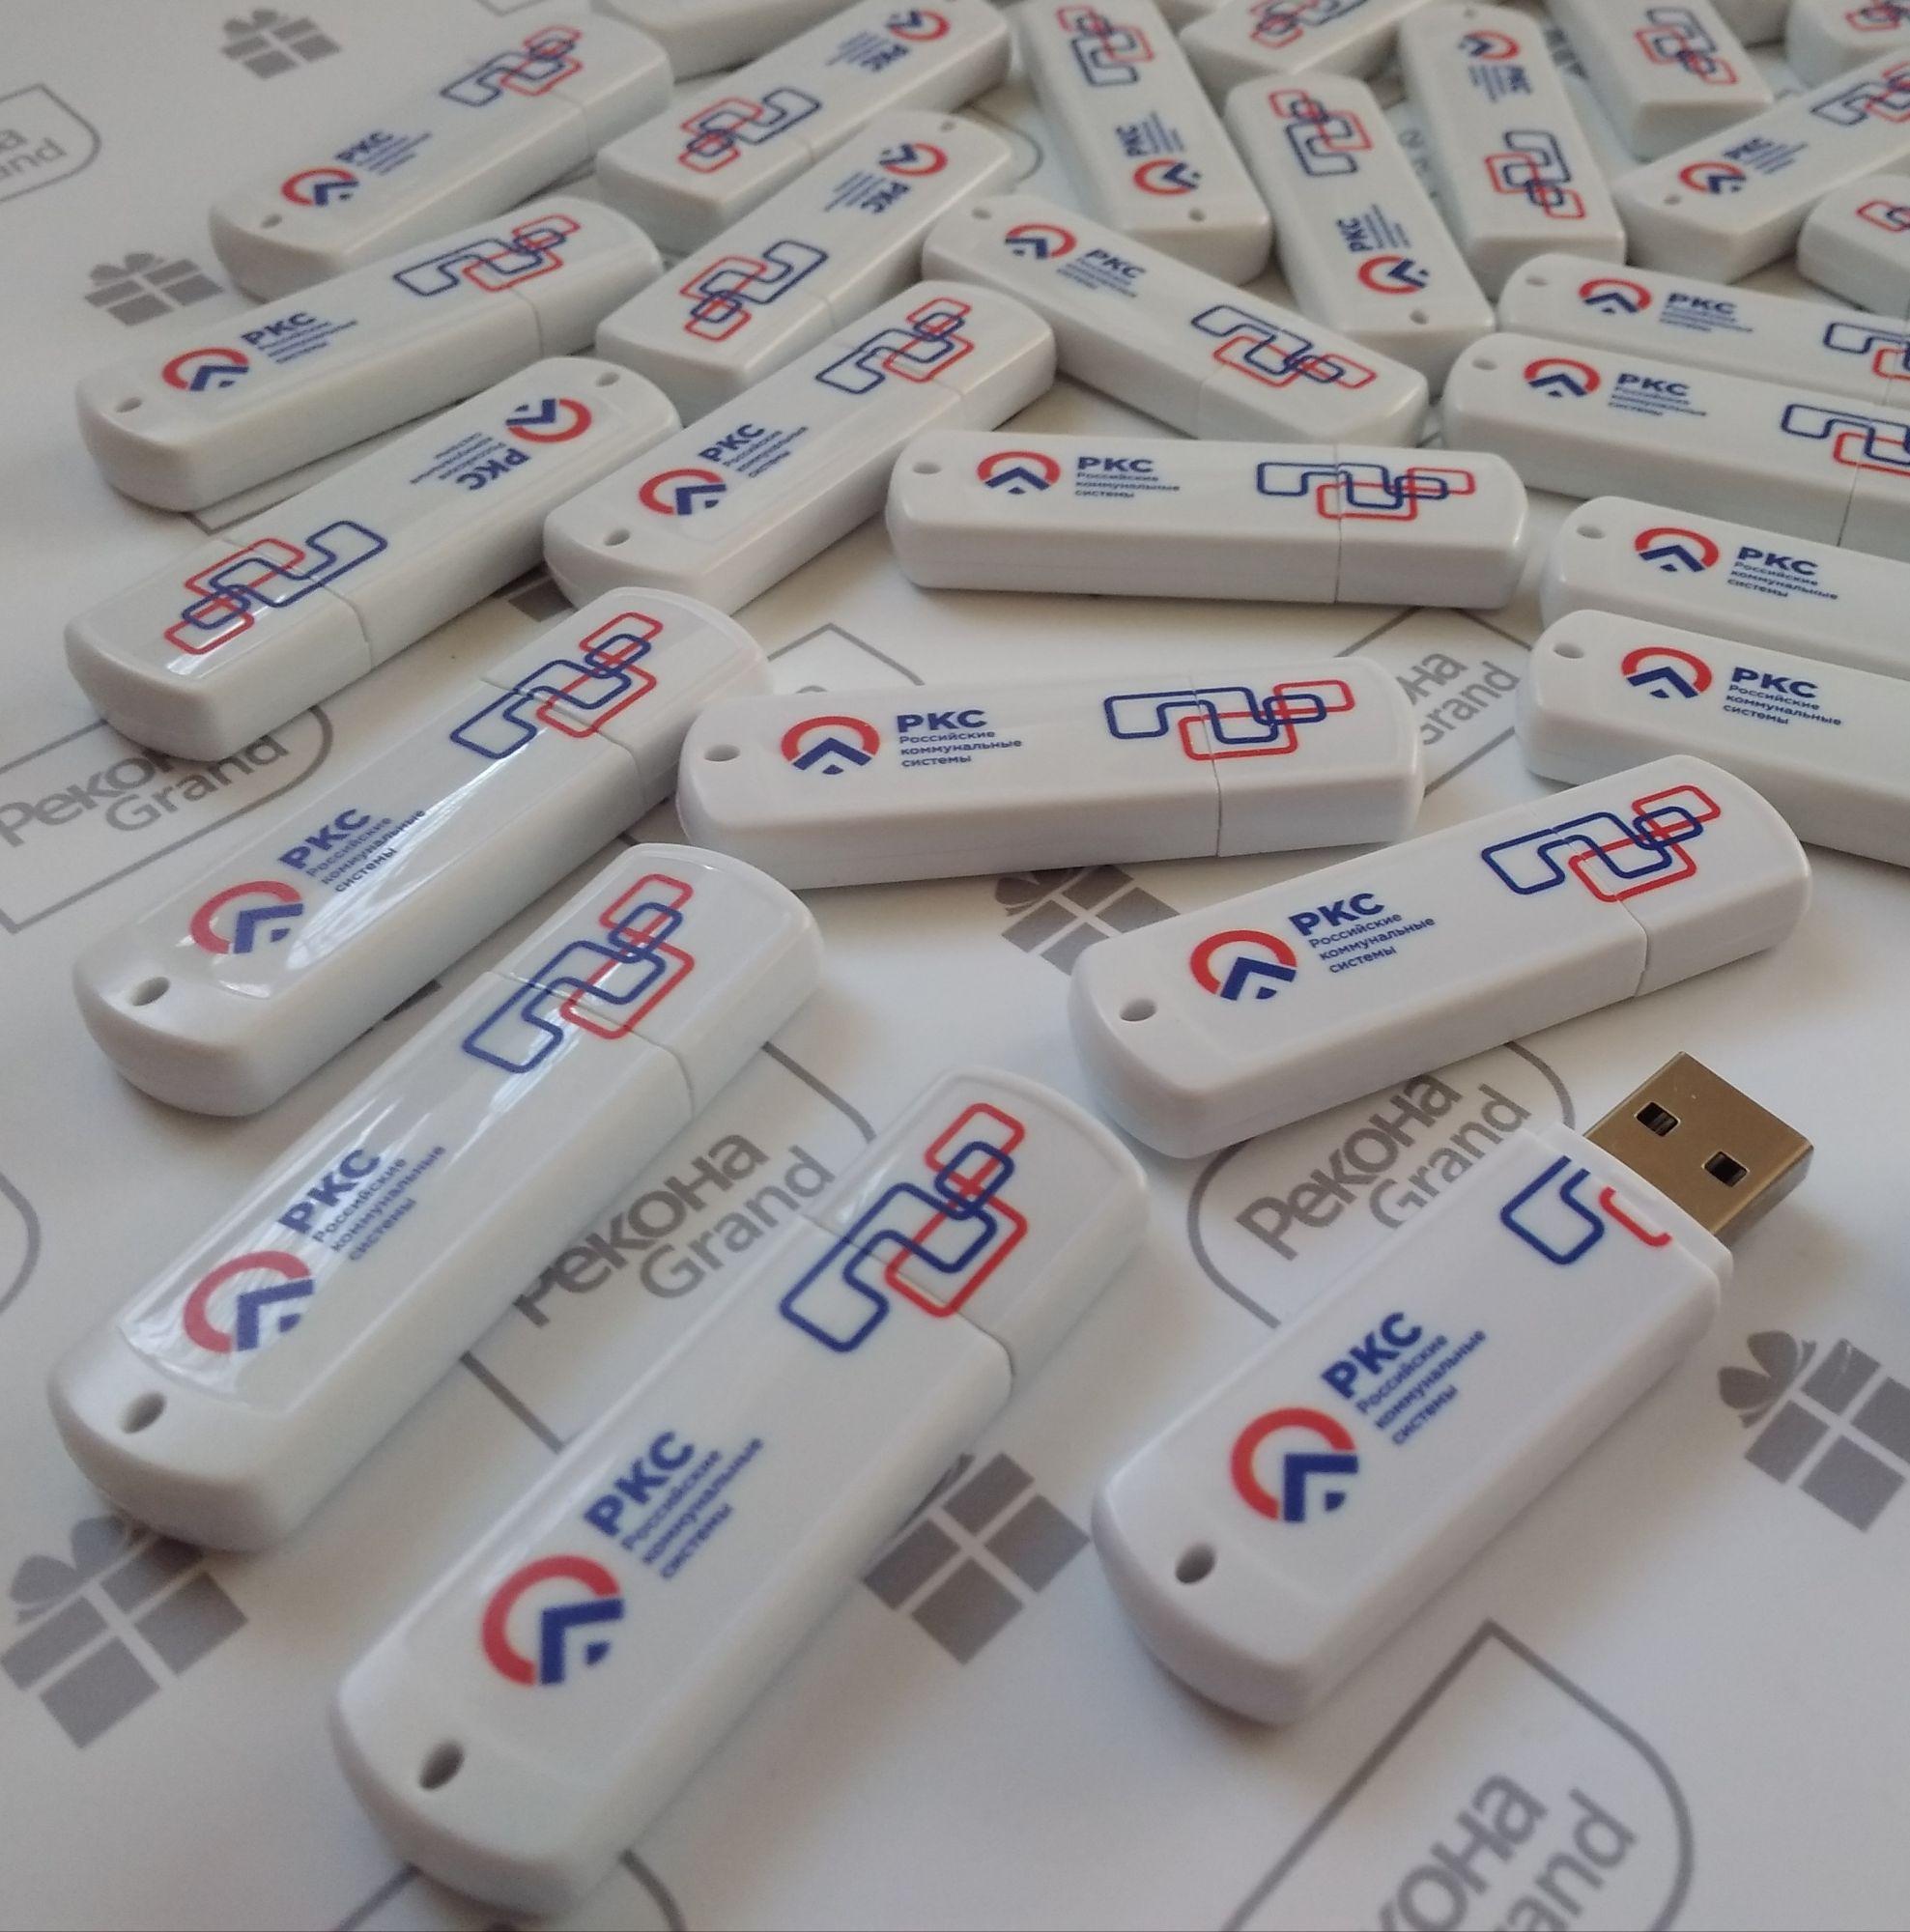 флешки с логотипом в Саратове